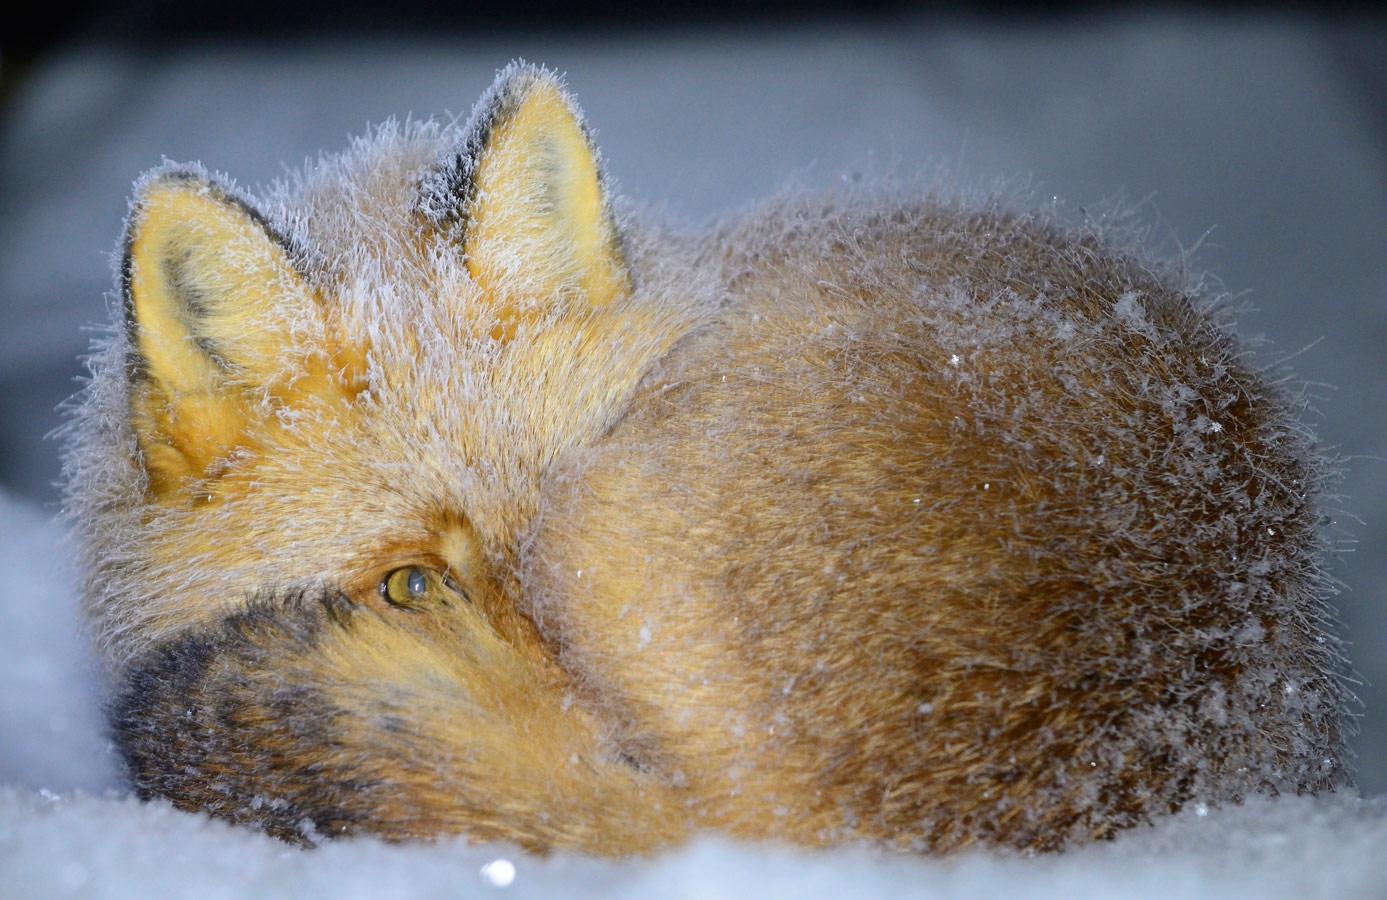 Сонный лис, © Алексей Маслов, Гран-при - Любители, Фотоконкурс Nikon «Я в сердце изображения»